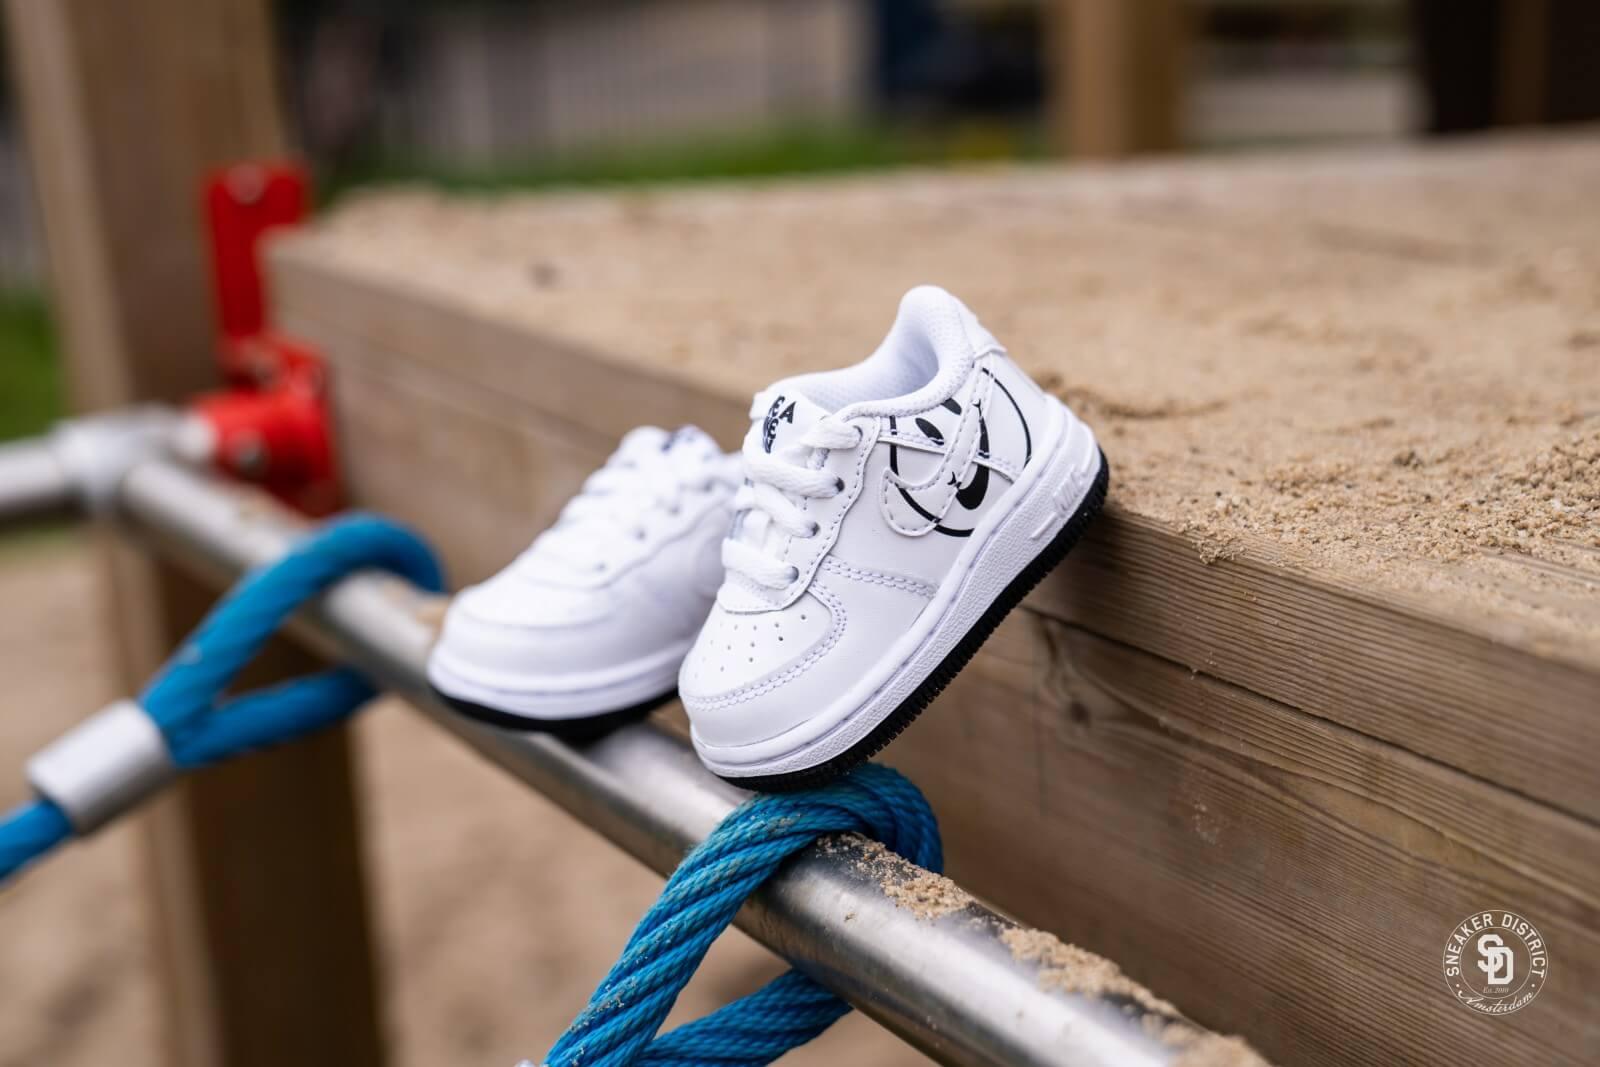 Witte Nike sneakers | Kinderfavorites